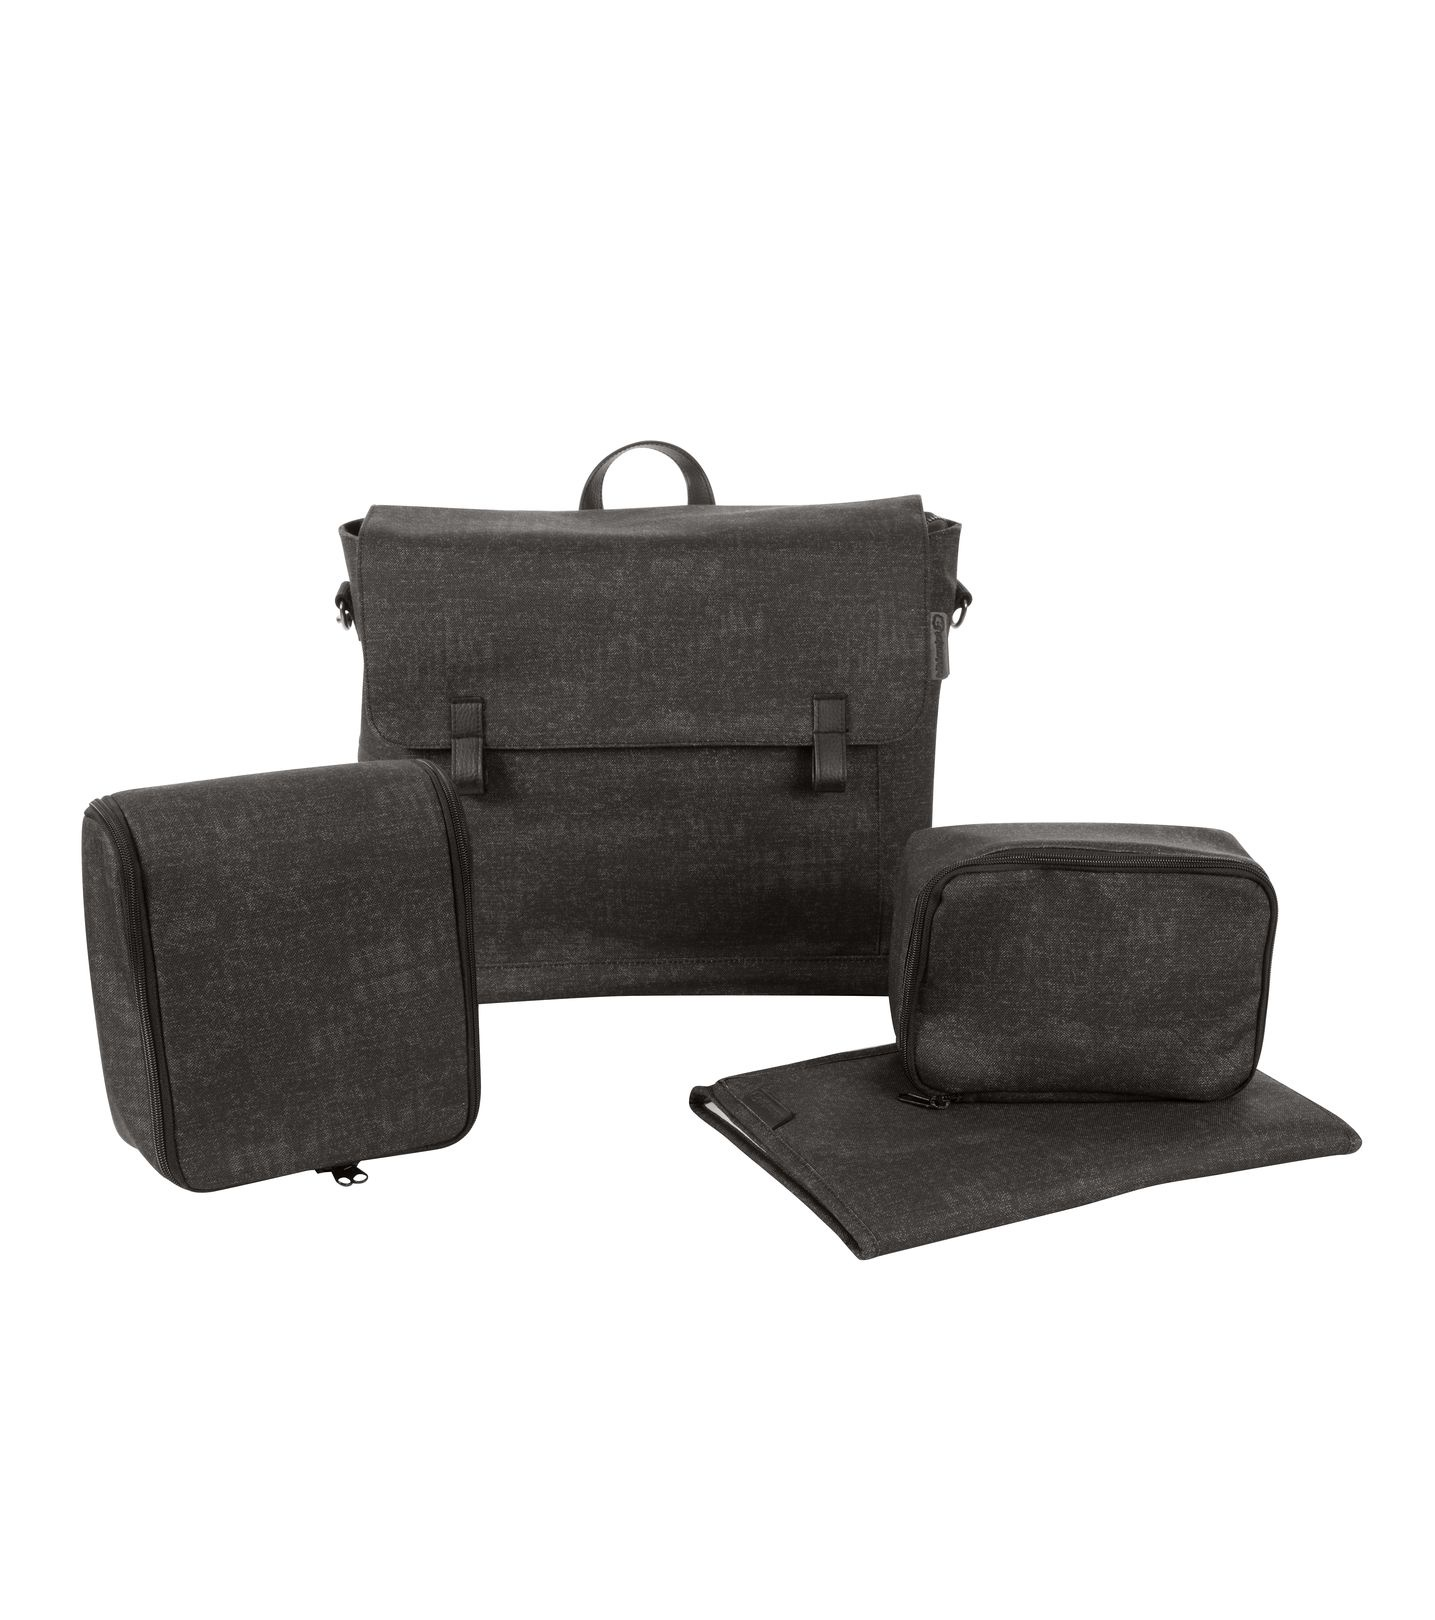 Фото - Аксессуар для колясок Bebe Confort MODERN BAG 1632710210 черный контейнер для детского питания bebe confort 90653 салатовый